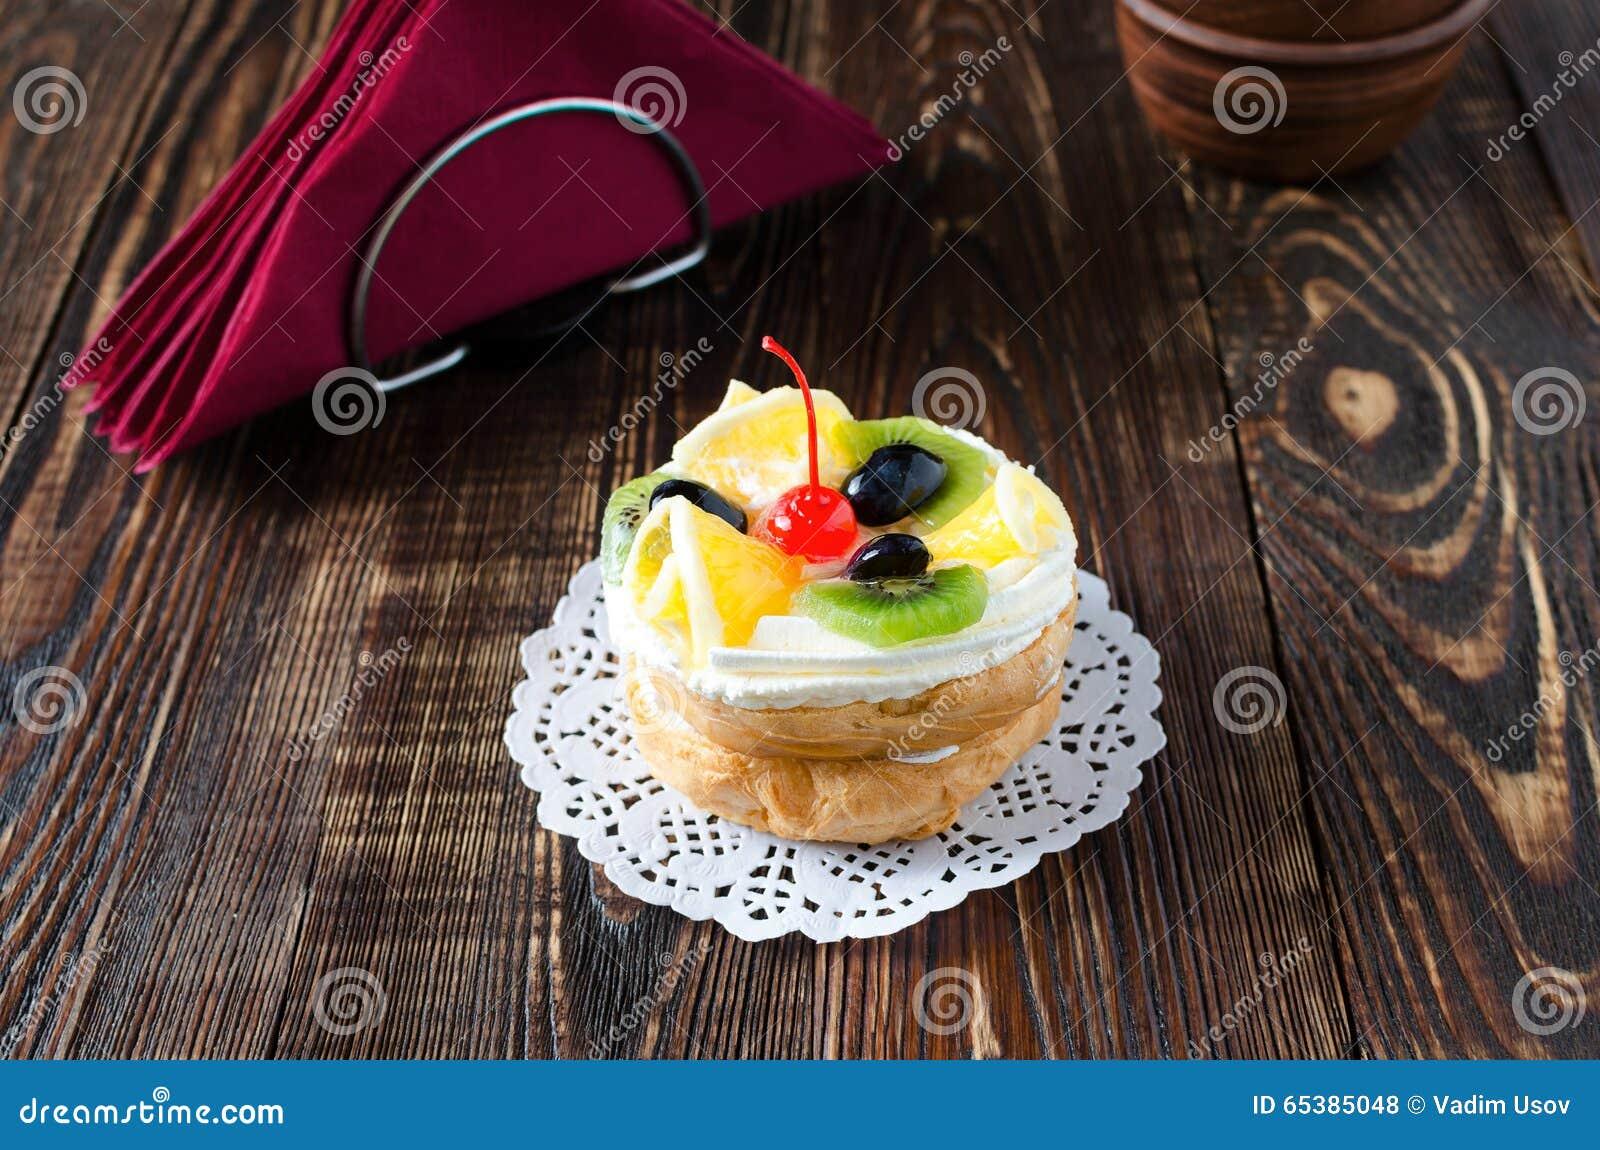 Chouxgebakje met vers fruit op een wit servet